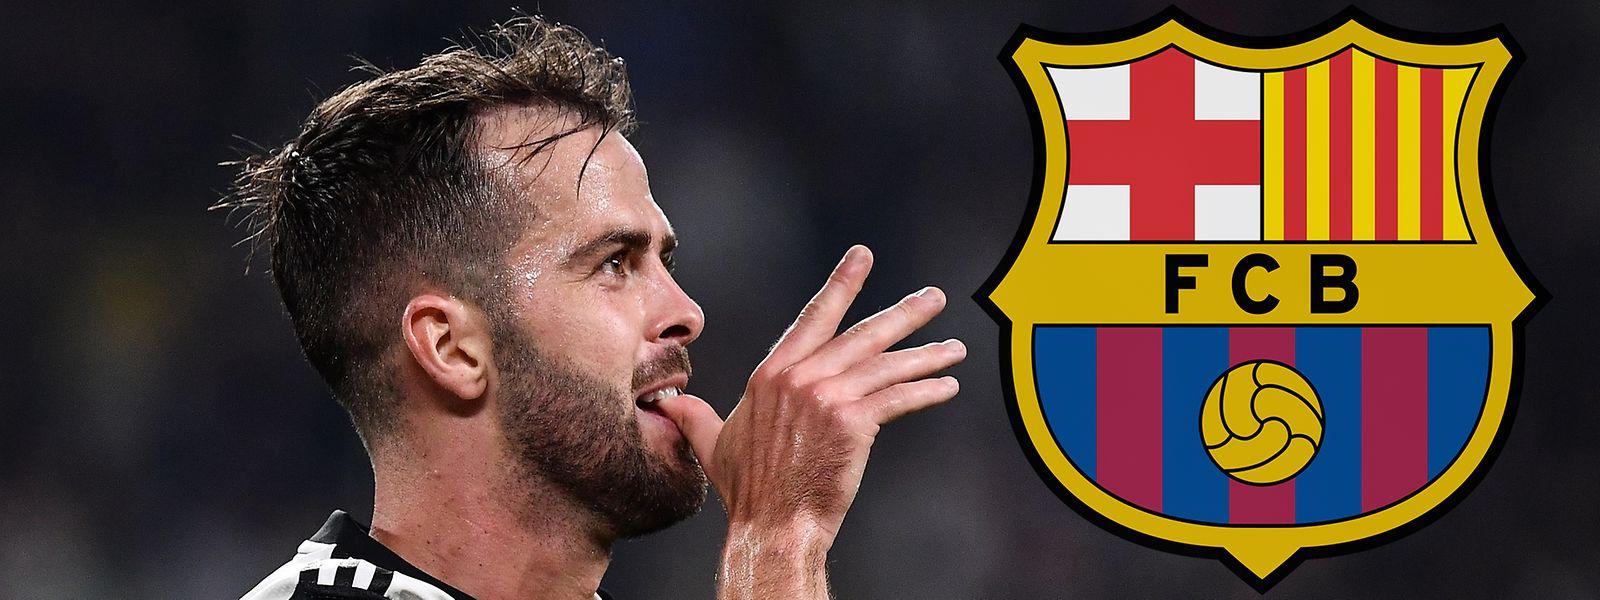 Décidément, l'arrivée de Miralem Pjanic au FC Barcelone n'est pas qu'un long fleuve tranquille